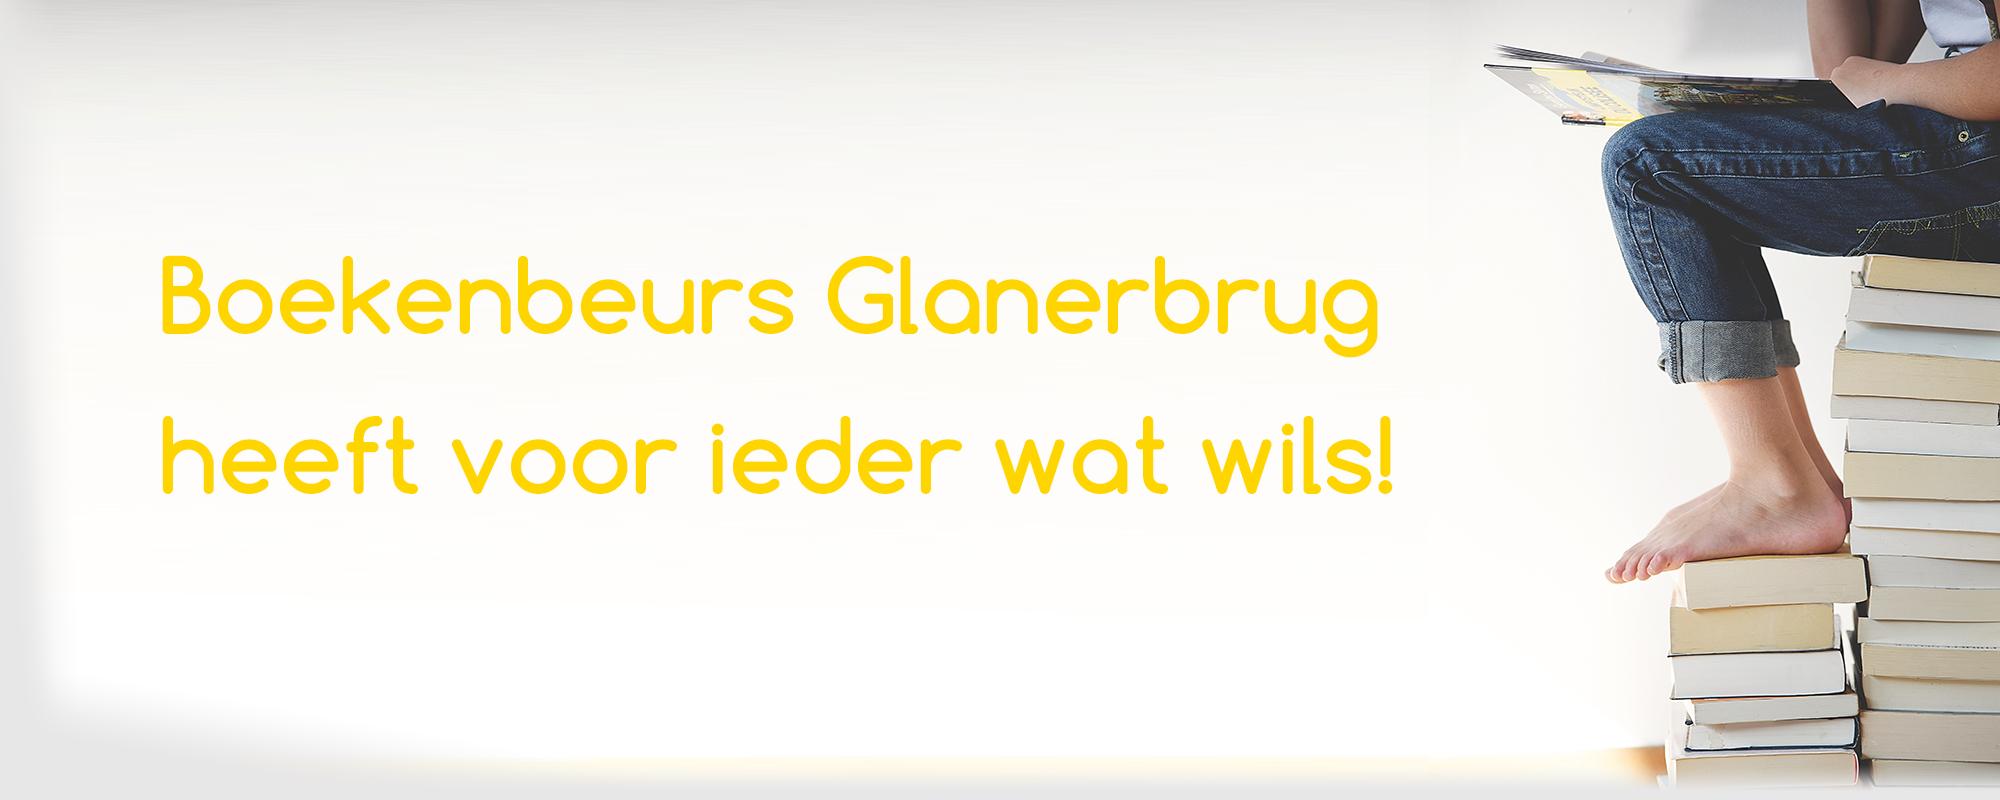 Boekenbeurs Glanerbrug heeft voor ieder wat wils!